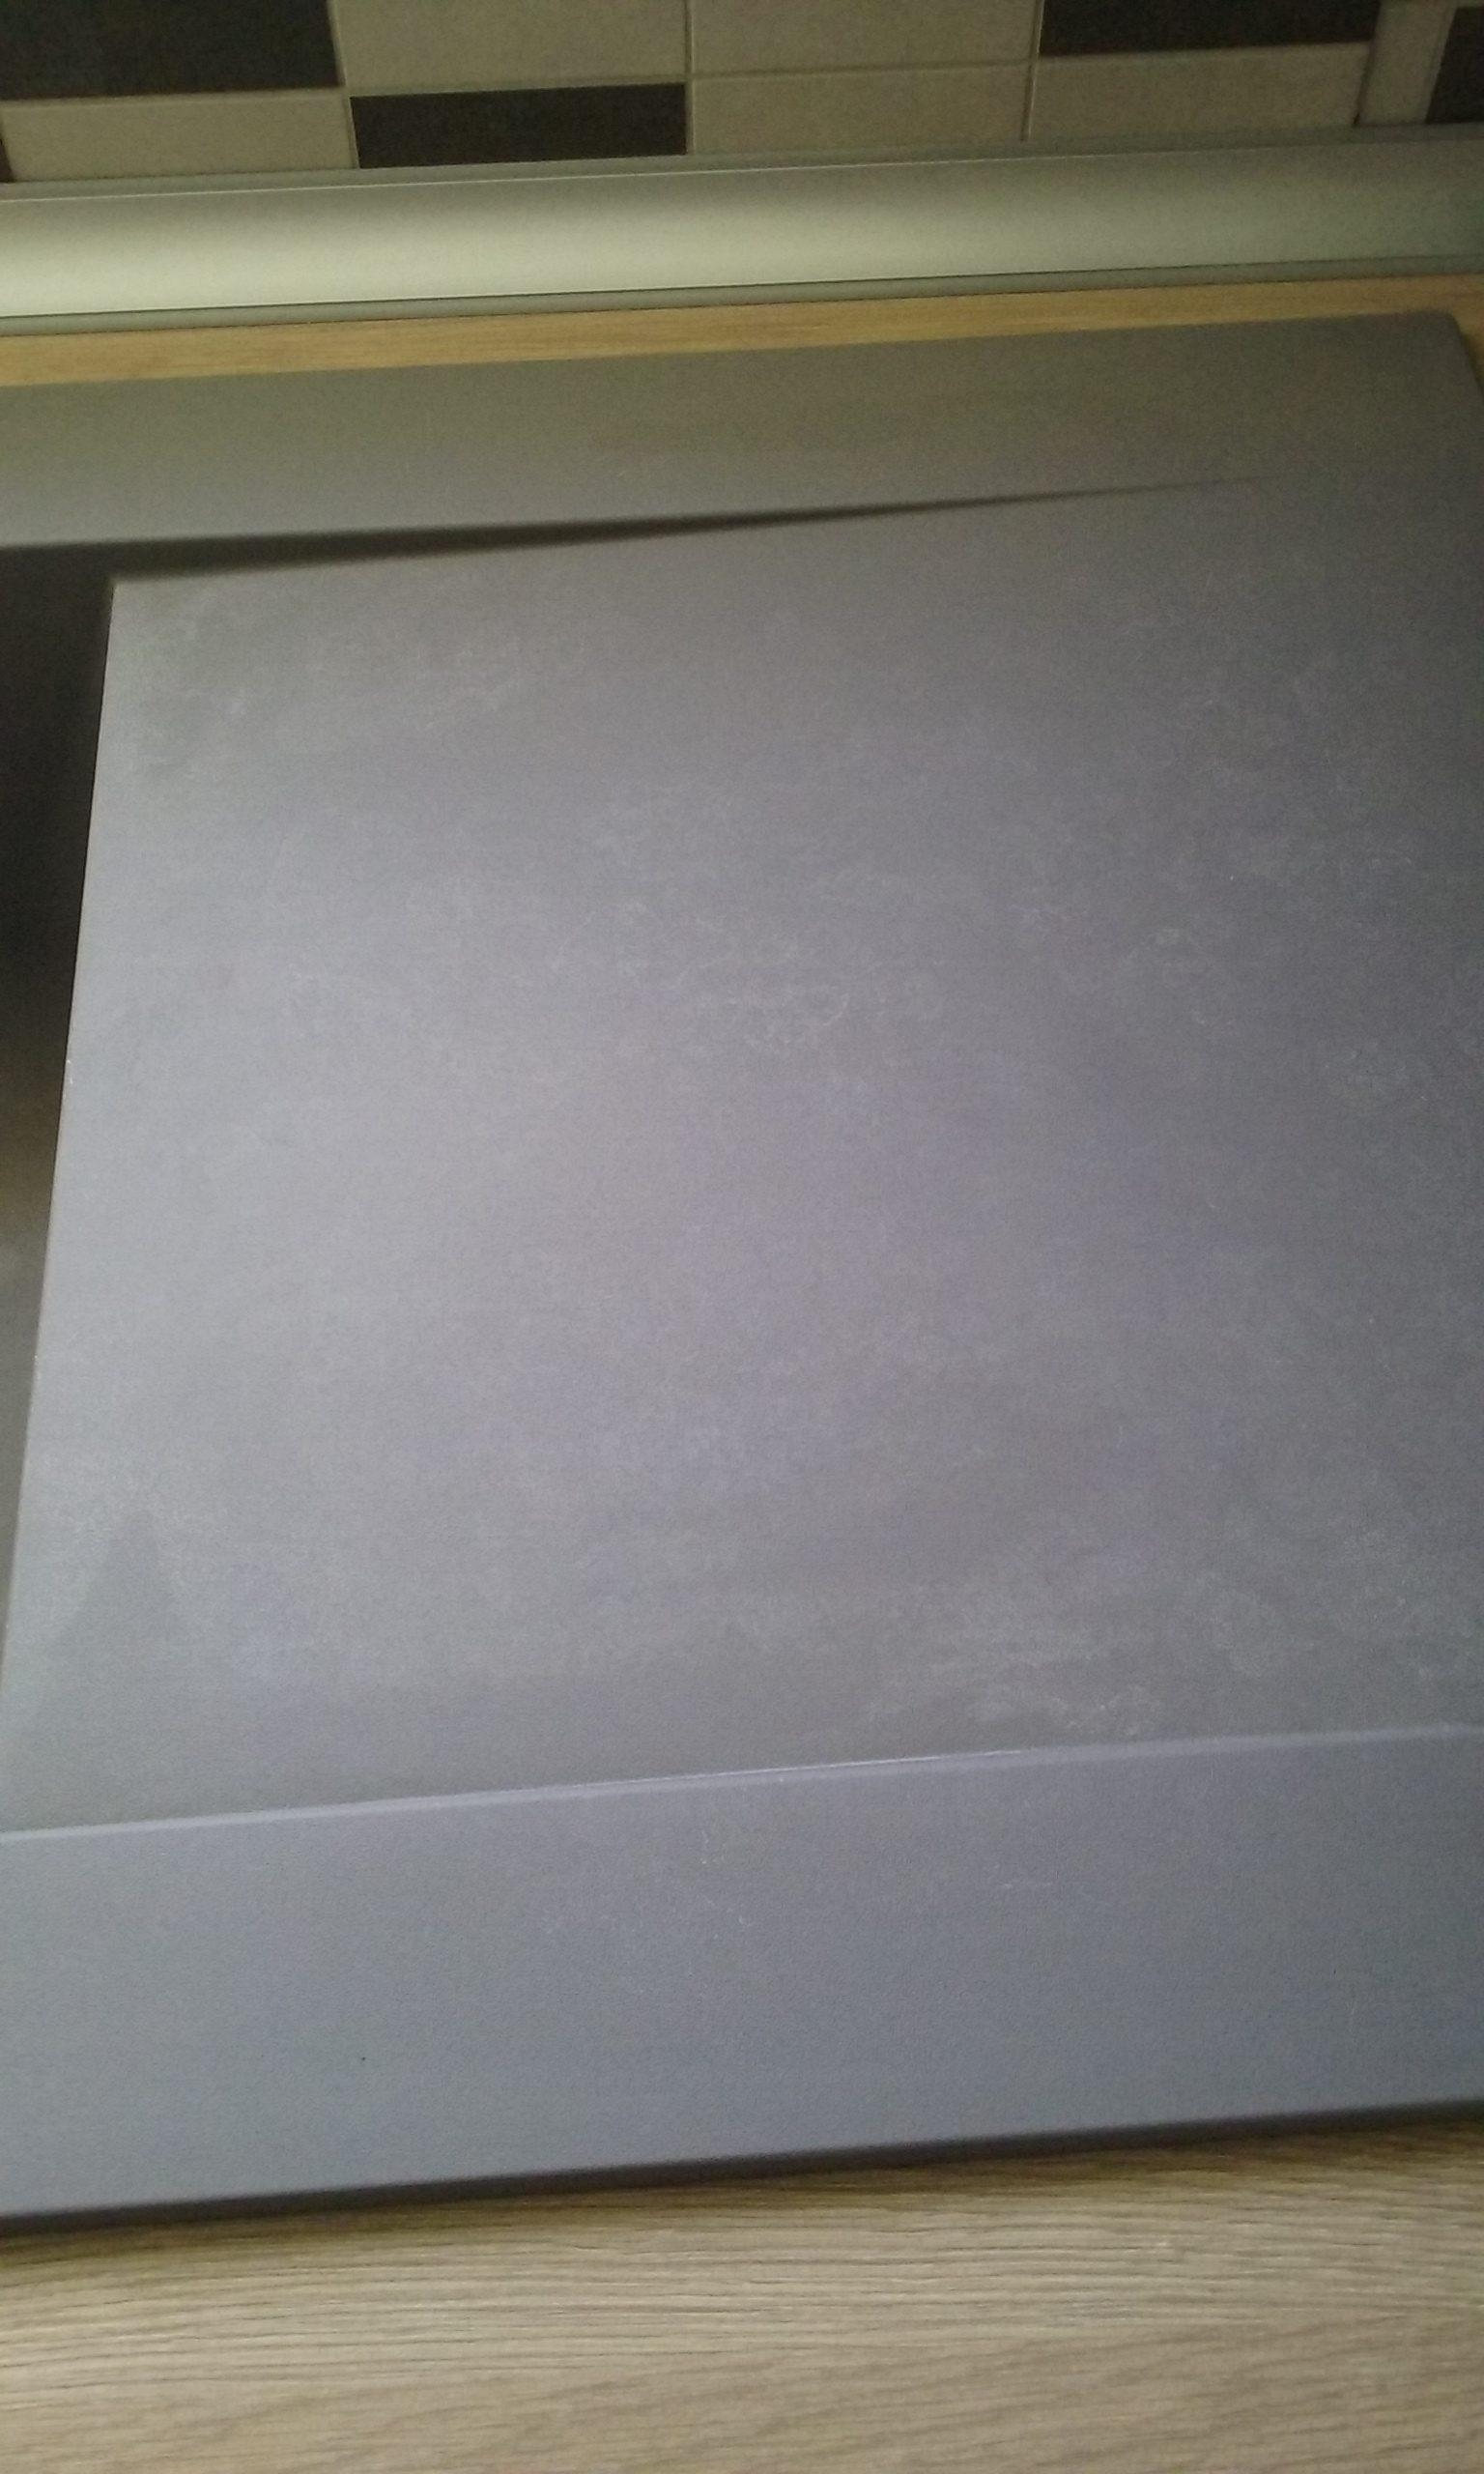 Nettoyer Evier Resine Noir redonner de l'éclat à un évier en résine gris, noir